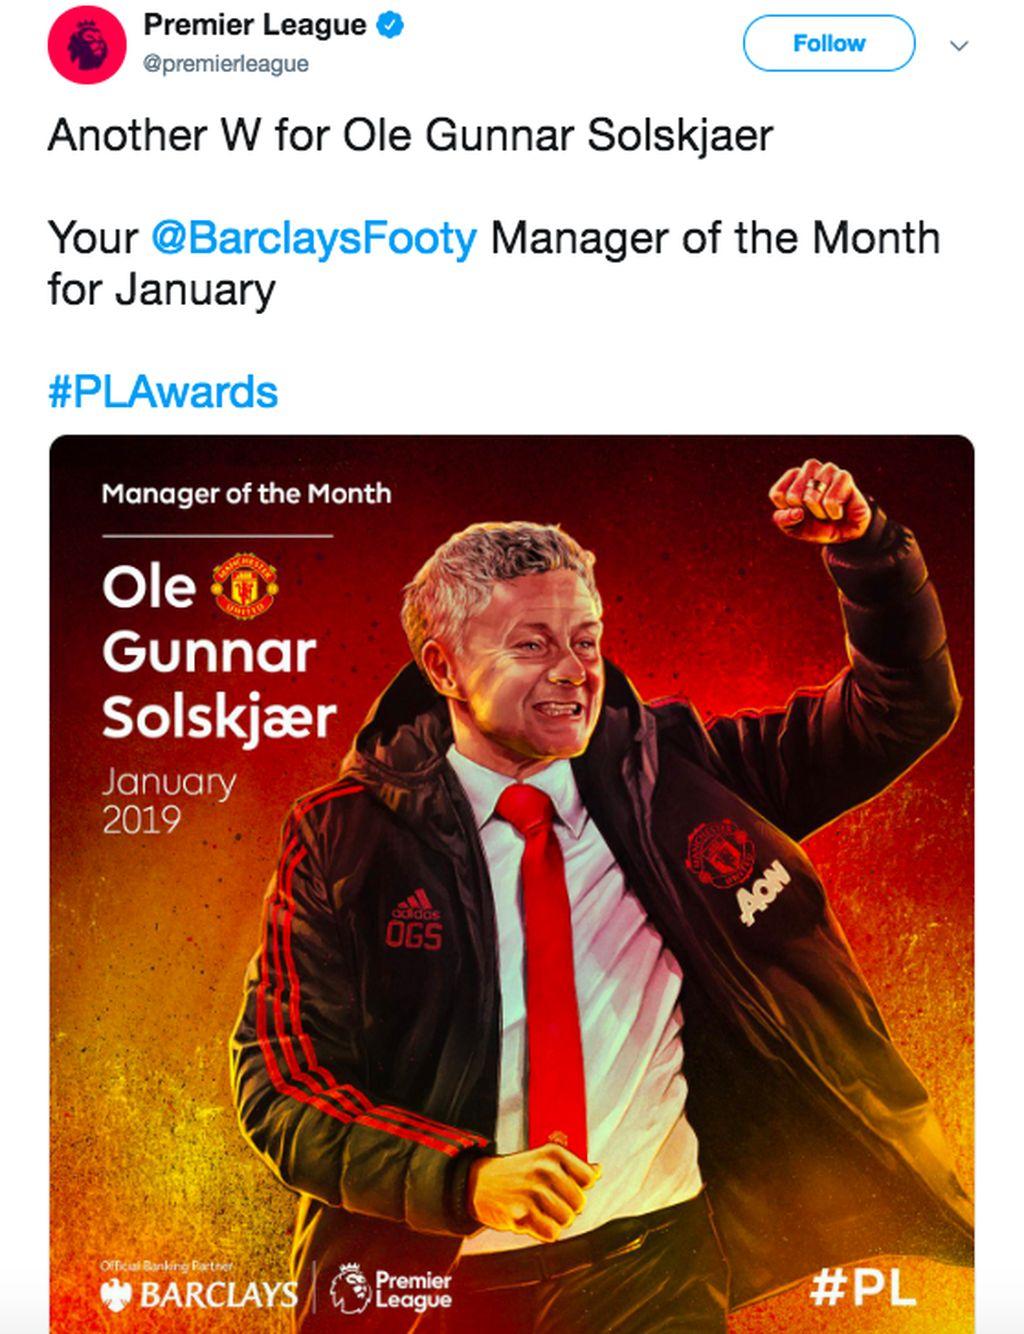 Media dan netizen banyak mengutarakan selamat pada Solskjaer usai dinobatkan sebagai Manager of the Month untuk bulan Januari berkat performa ciamik Manchester United. Foto: istimewa